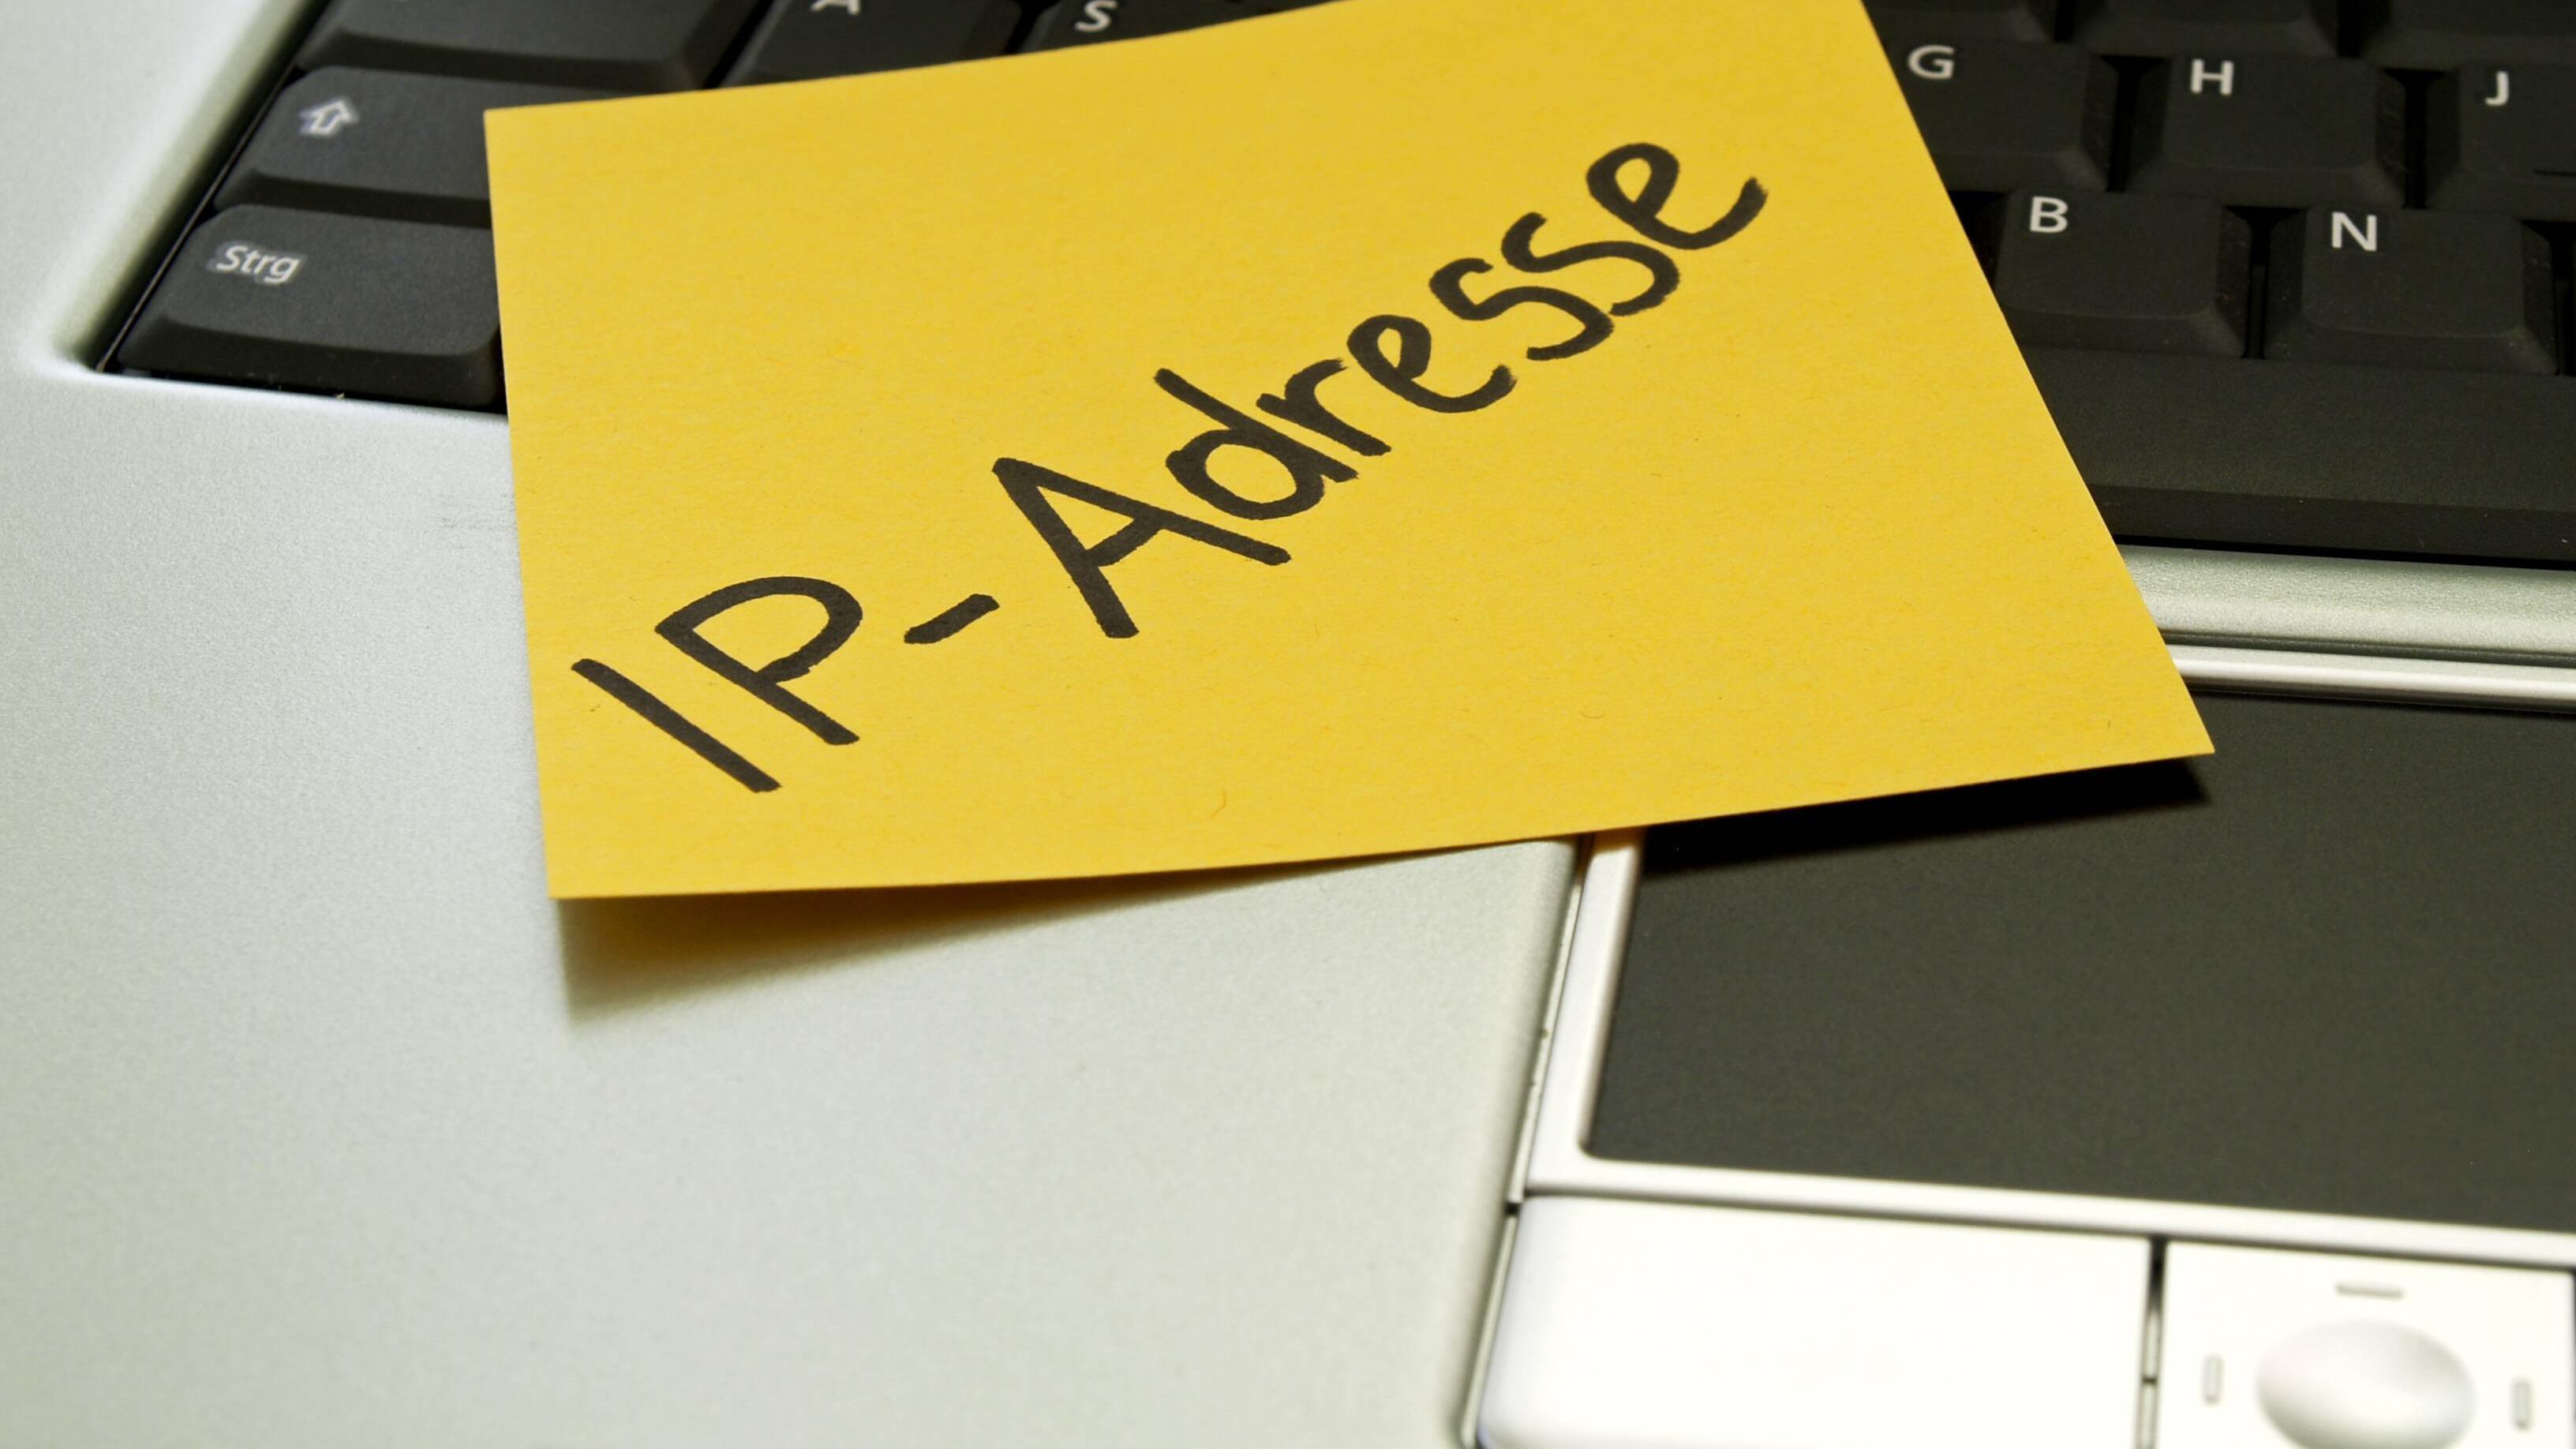 IP-Adresse verschleiern - so geht's